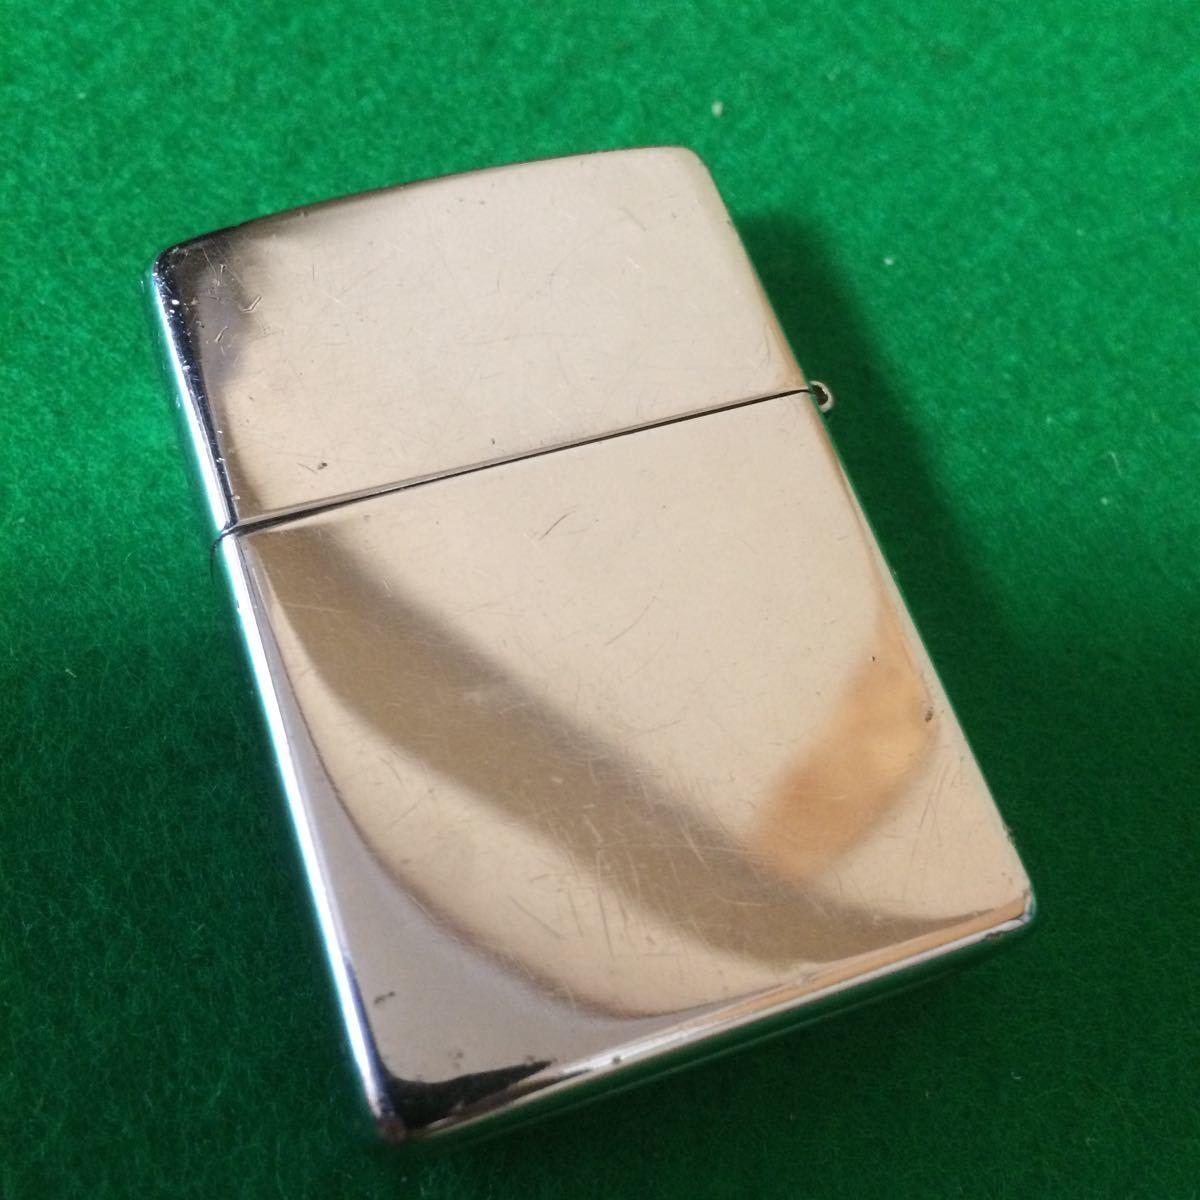 古い ビンテージ ZIPPO limited 古いジッポー ライター アンティーク コレクション レア リミテッド 希少品 MADE IN U.S.A.(33)_画像2